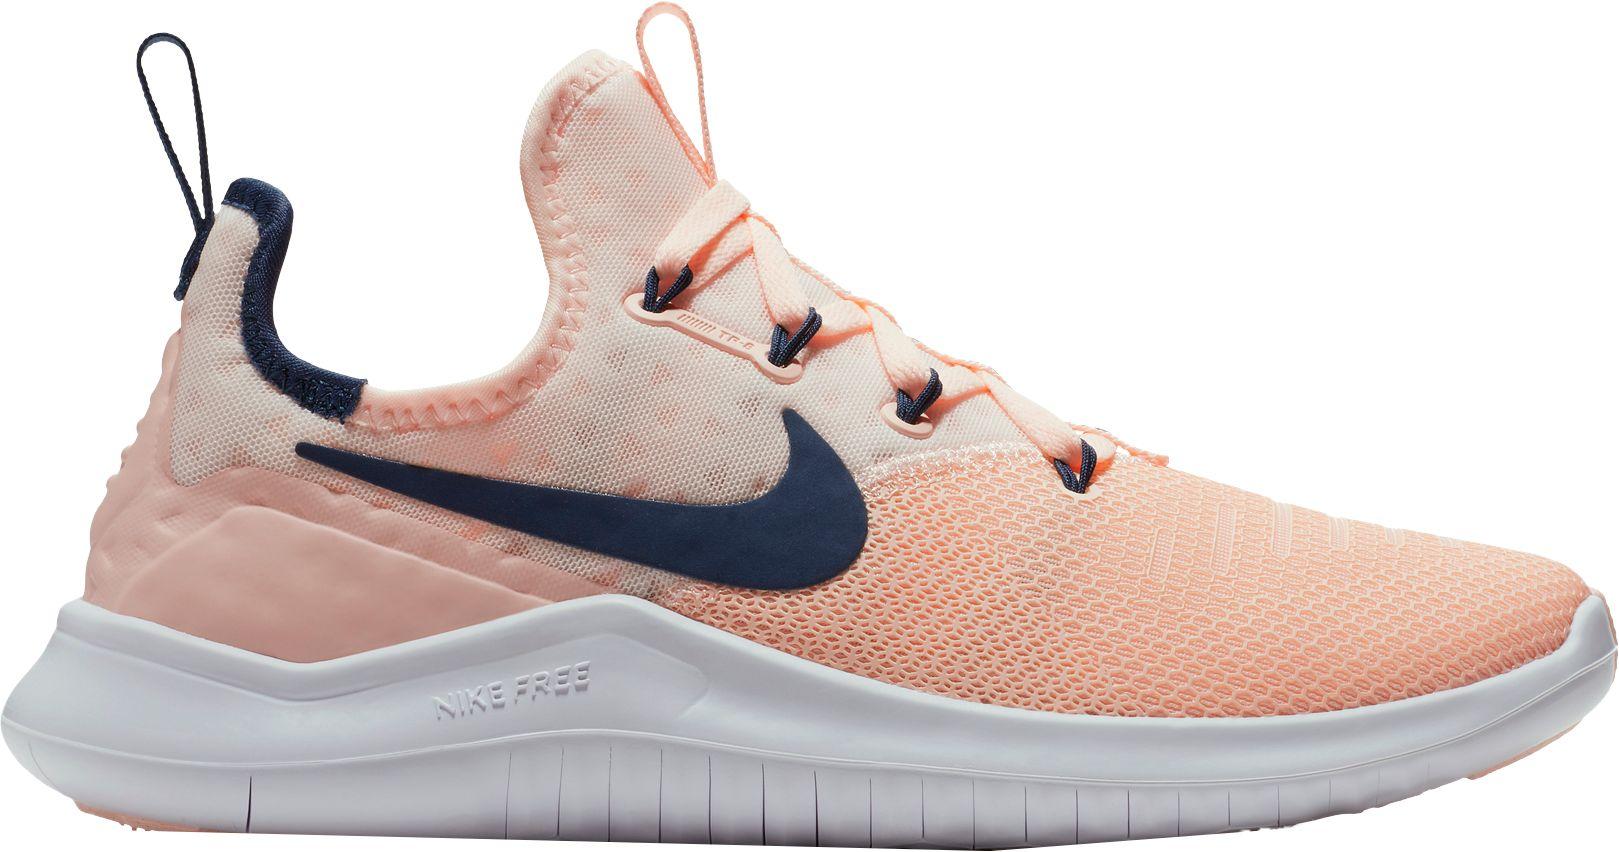 85f3f21902cf50 Nike Women Shoes Sneakers Nike Women Shoes Sneakers Flat Bottom ...